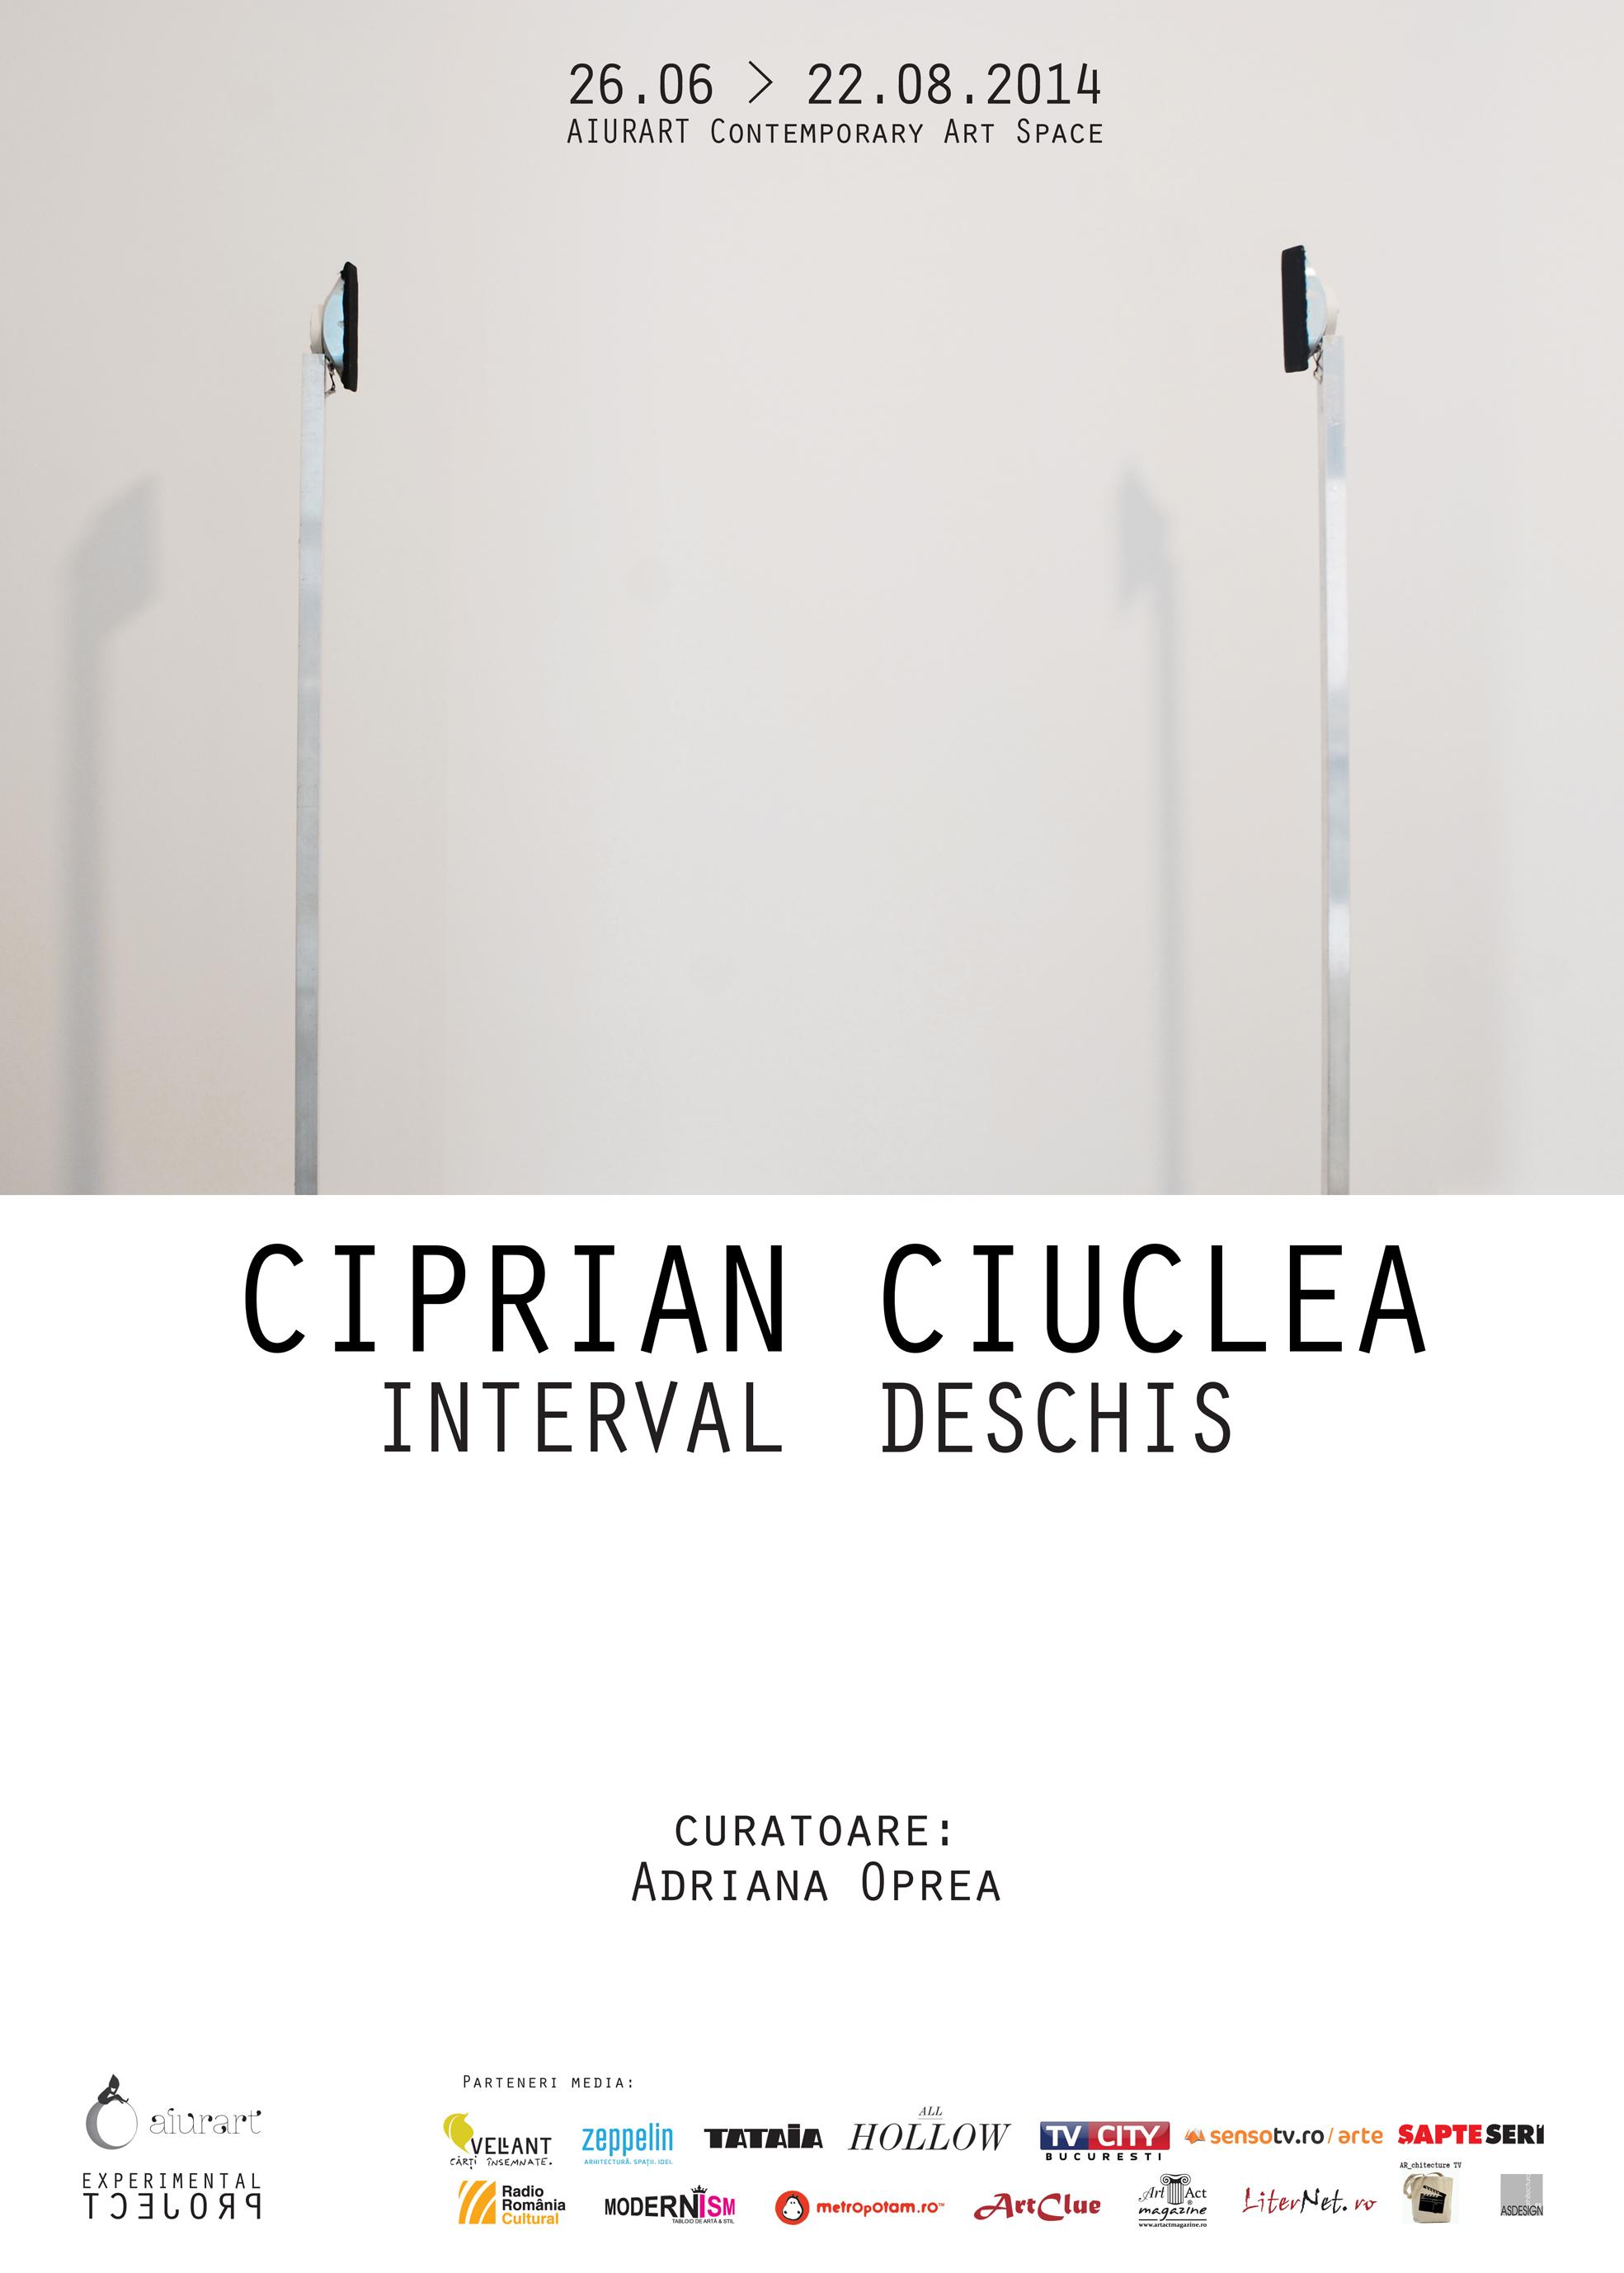 """Ciprian Ciuclea """"Interval deschis"""" @ Aiurart, București"""